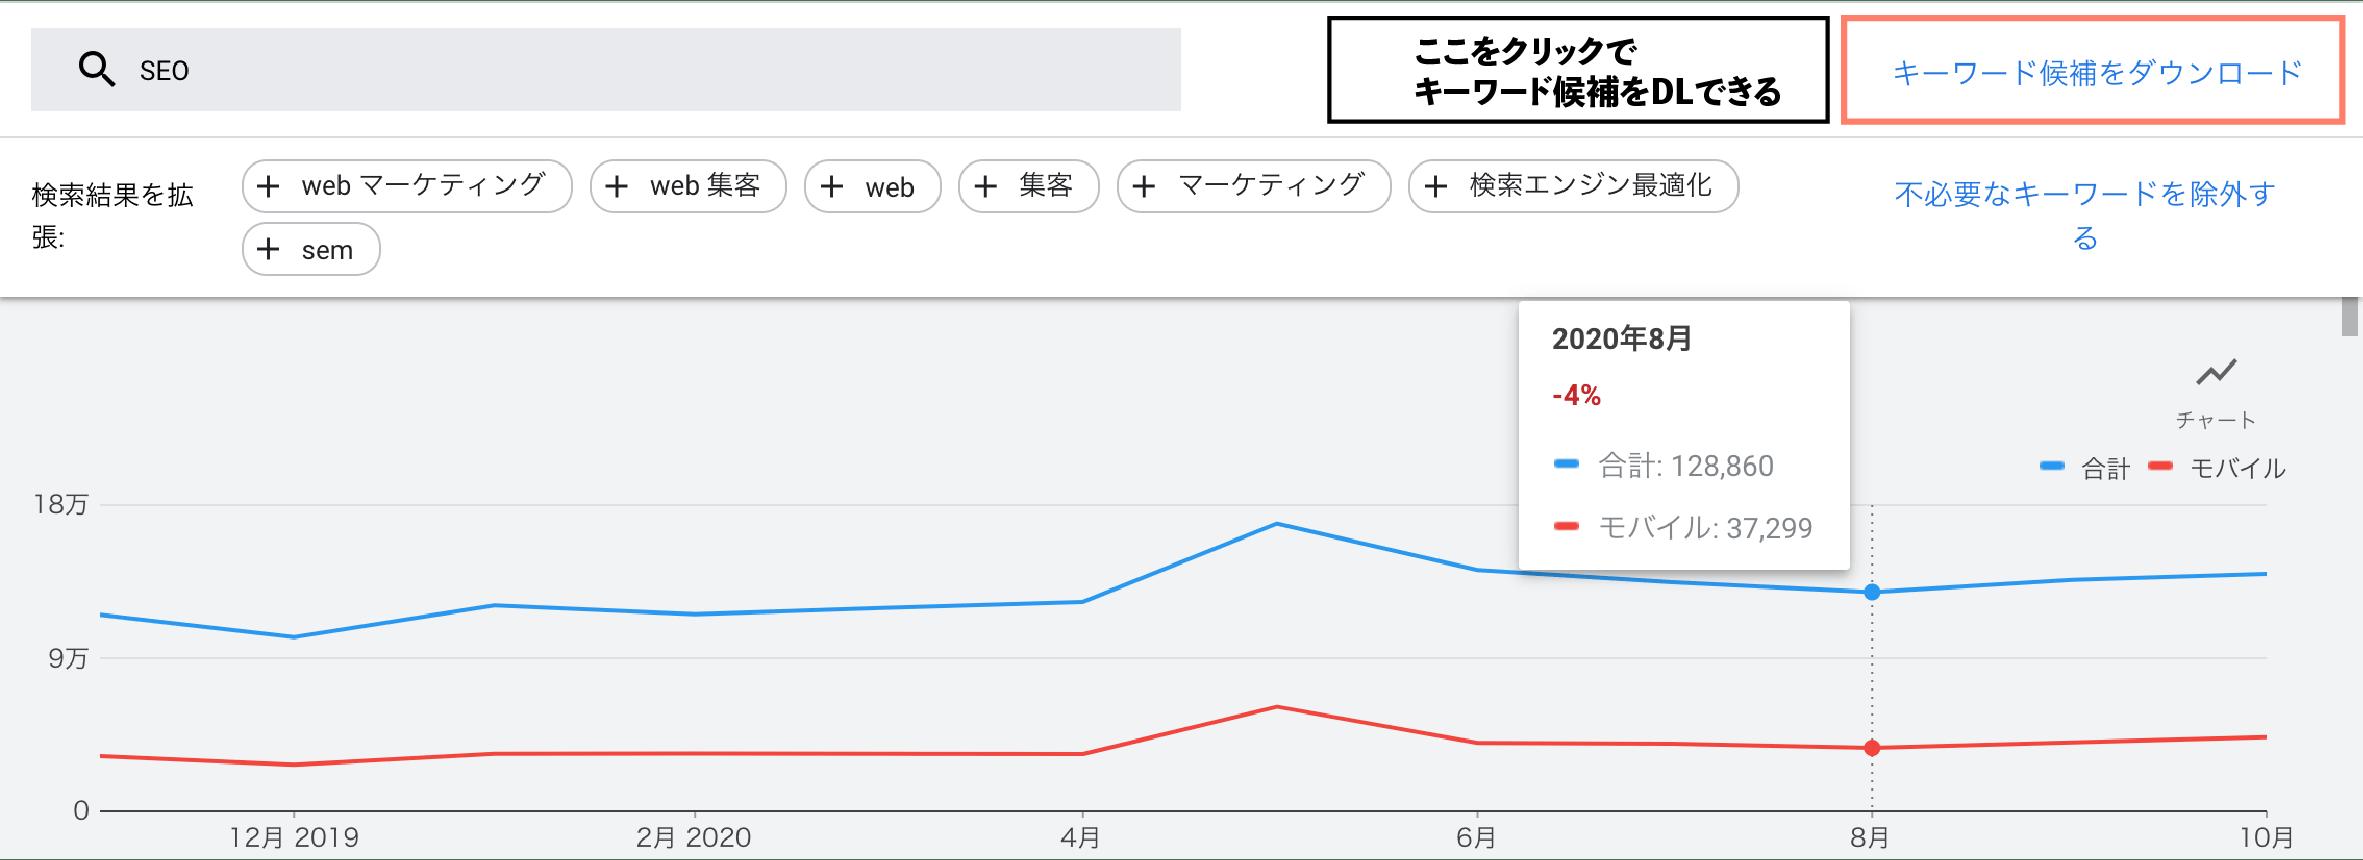 キーワードプランナー_ダウンロード